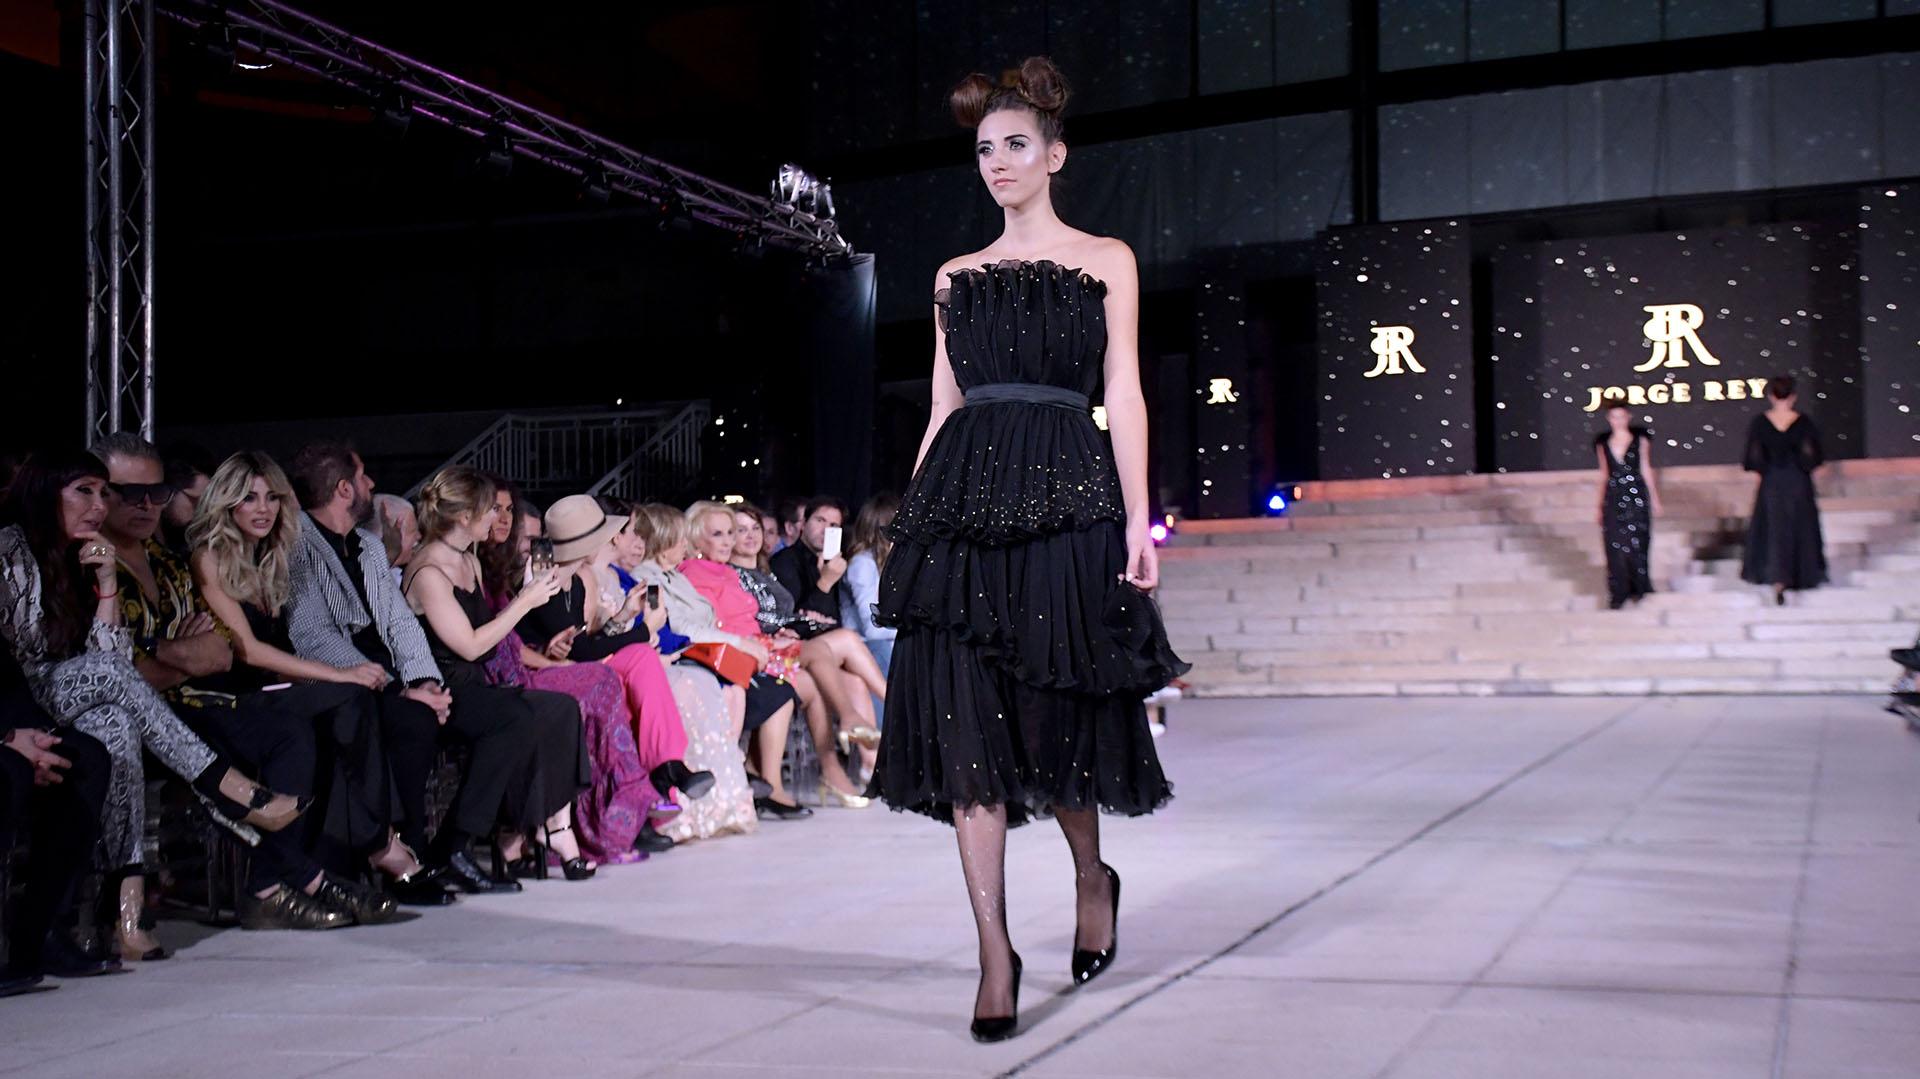 Strapless plisado. El diseñador santafesino presentó más de 7 diseños en color negro, una tonalidad que no es usual ver en sus colecciones que apostó y fue muy aplaudida por todos los asistentes al desfile